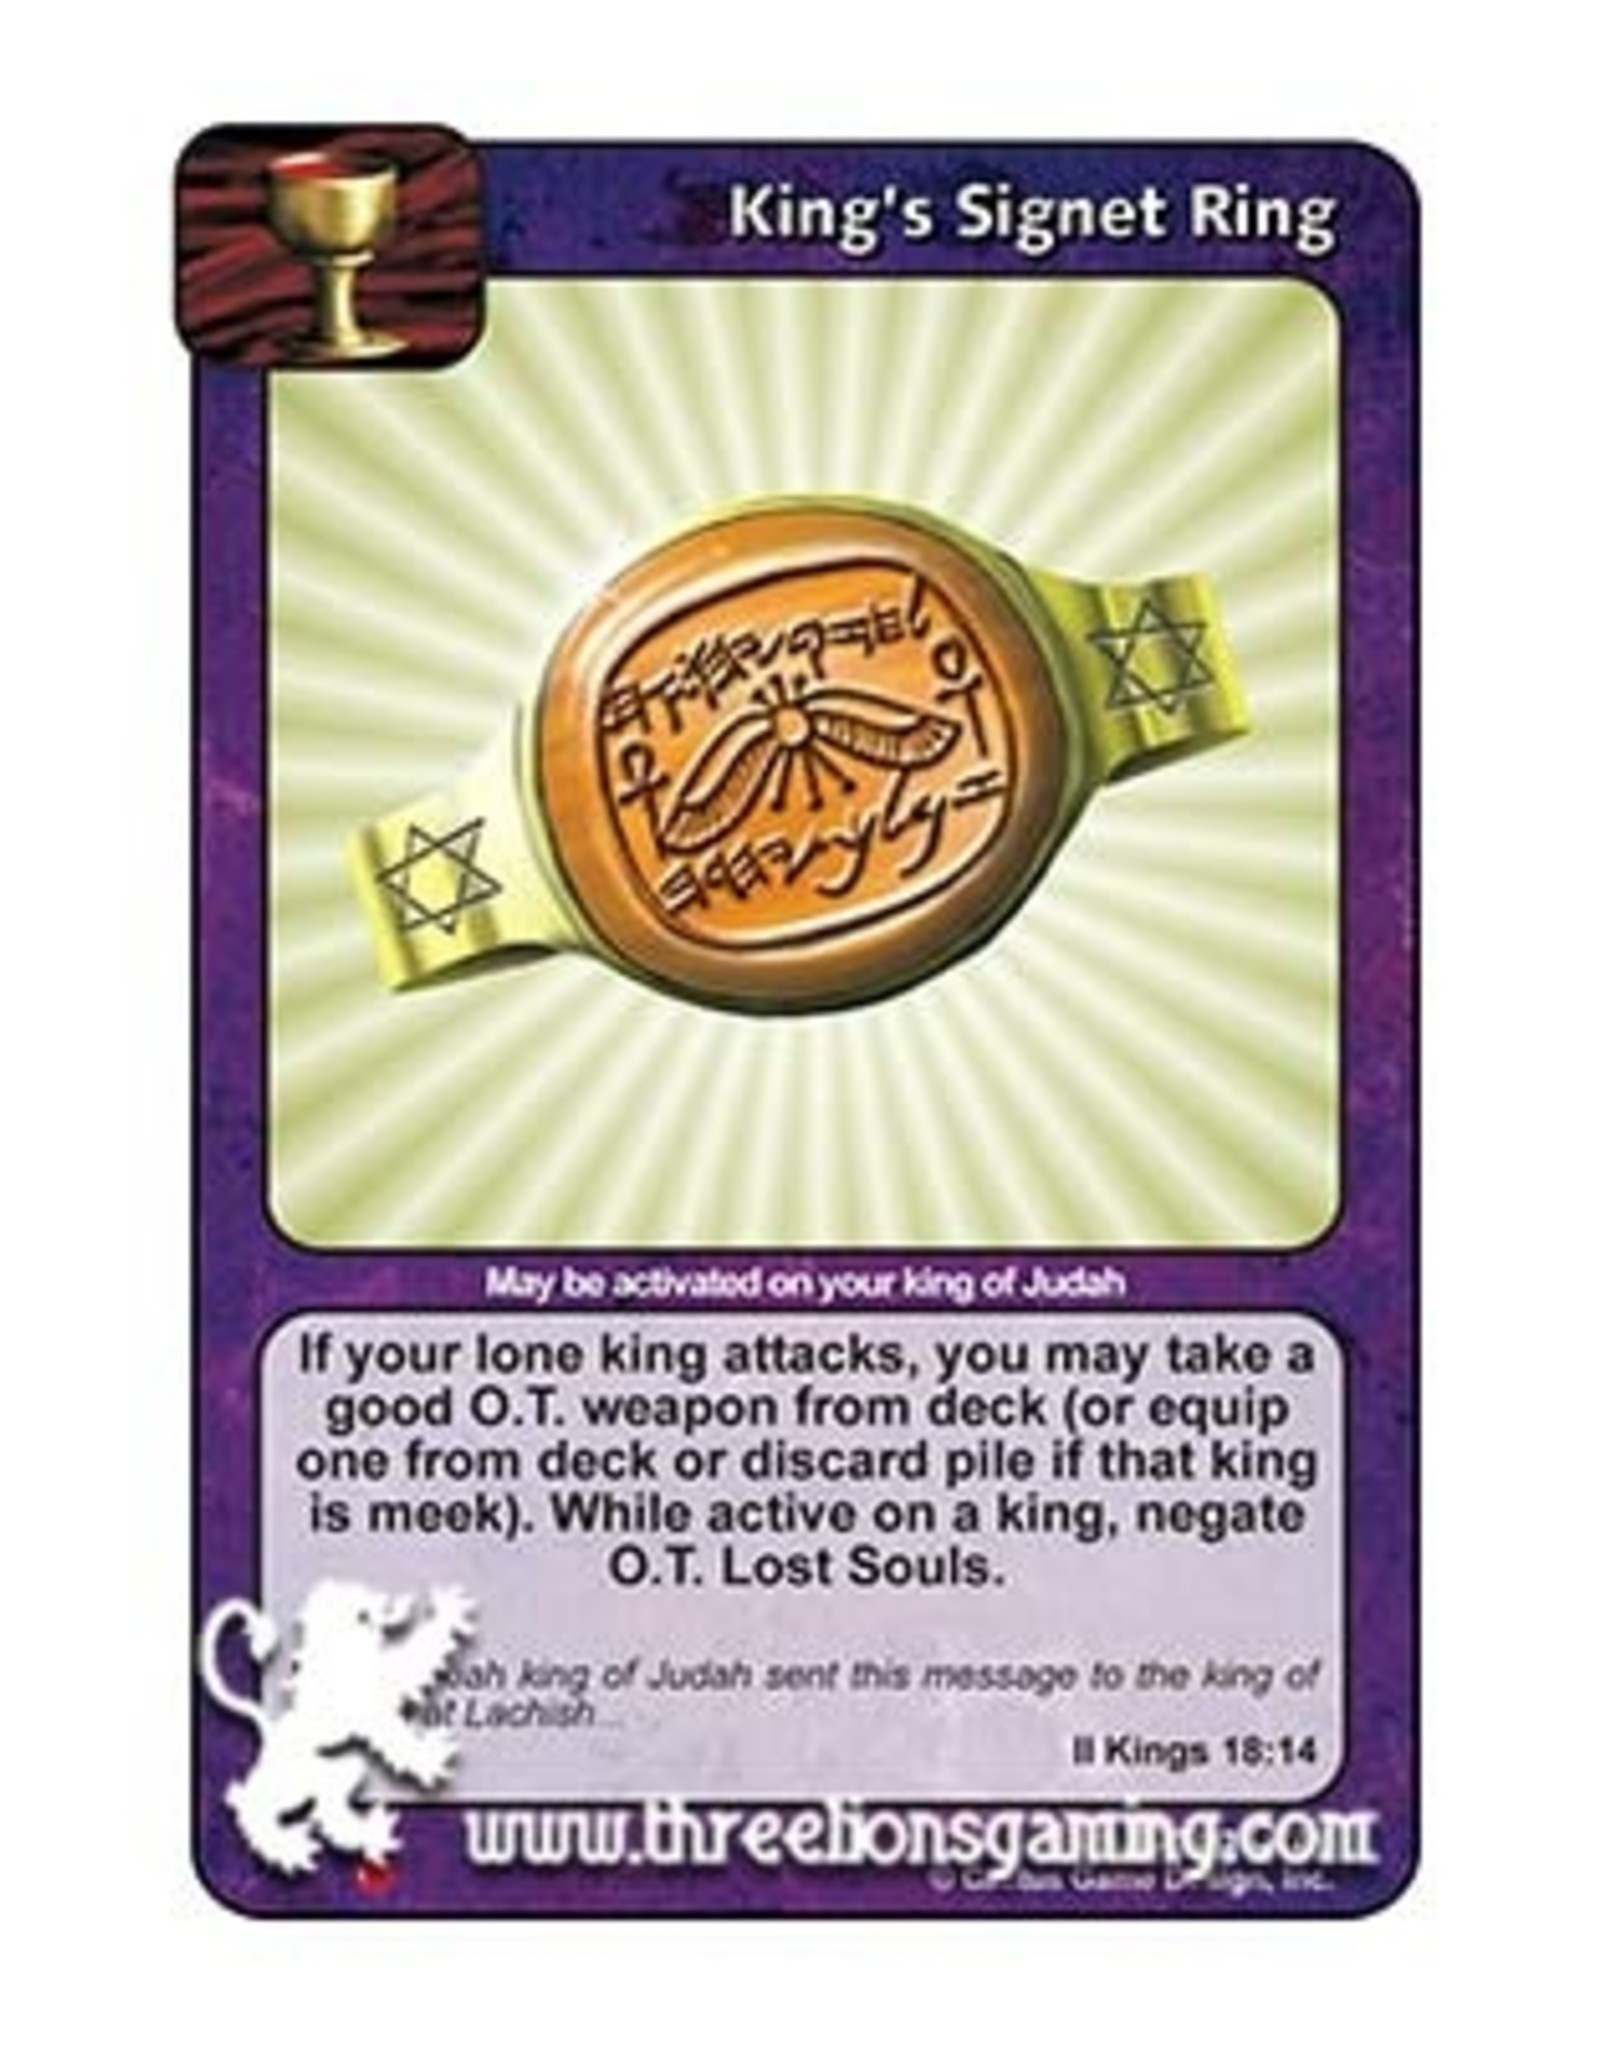 LoC: King's Signet Ring